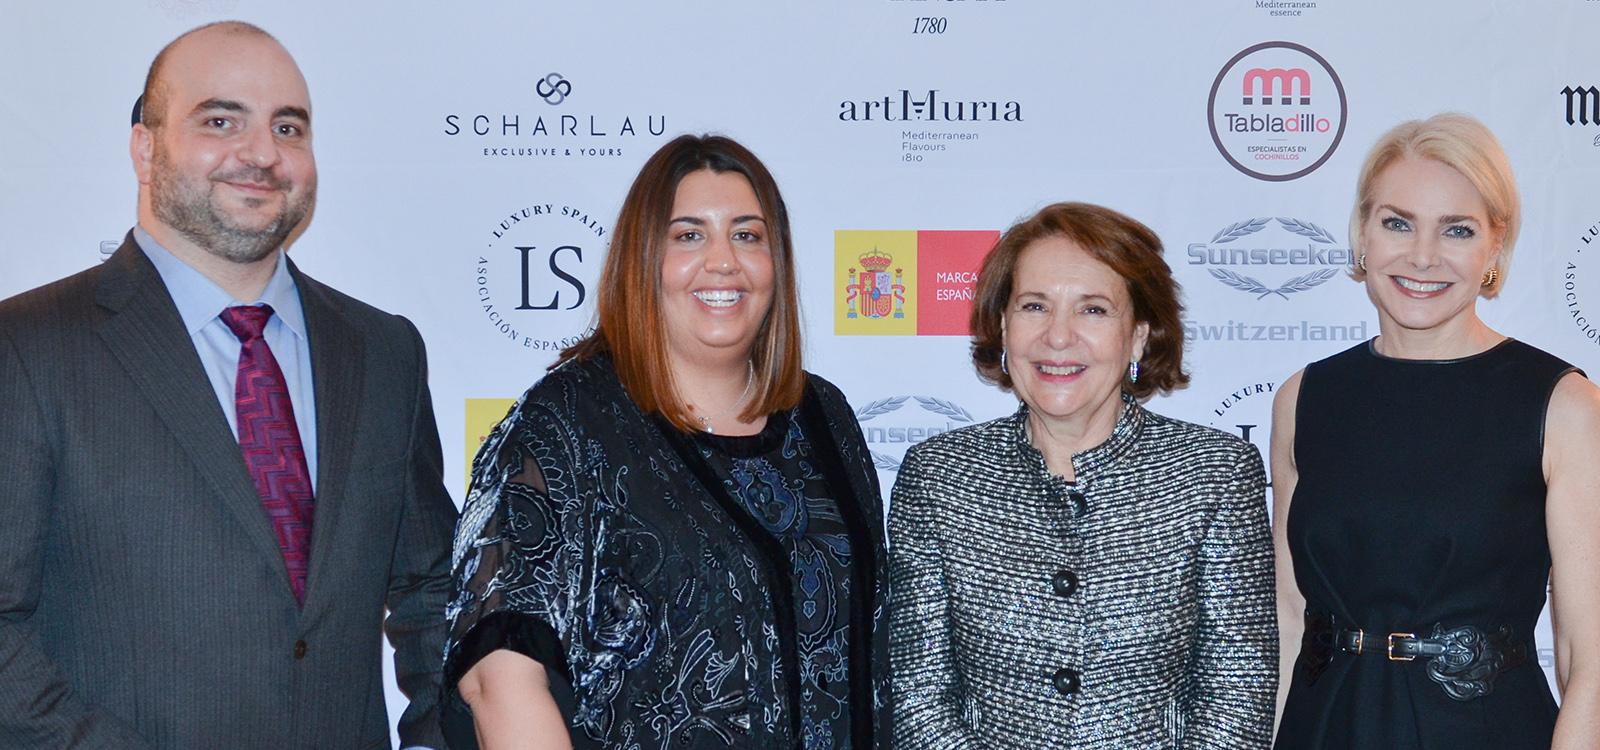 Misión Comercial Luxury Spain Suiza 2018